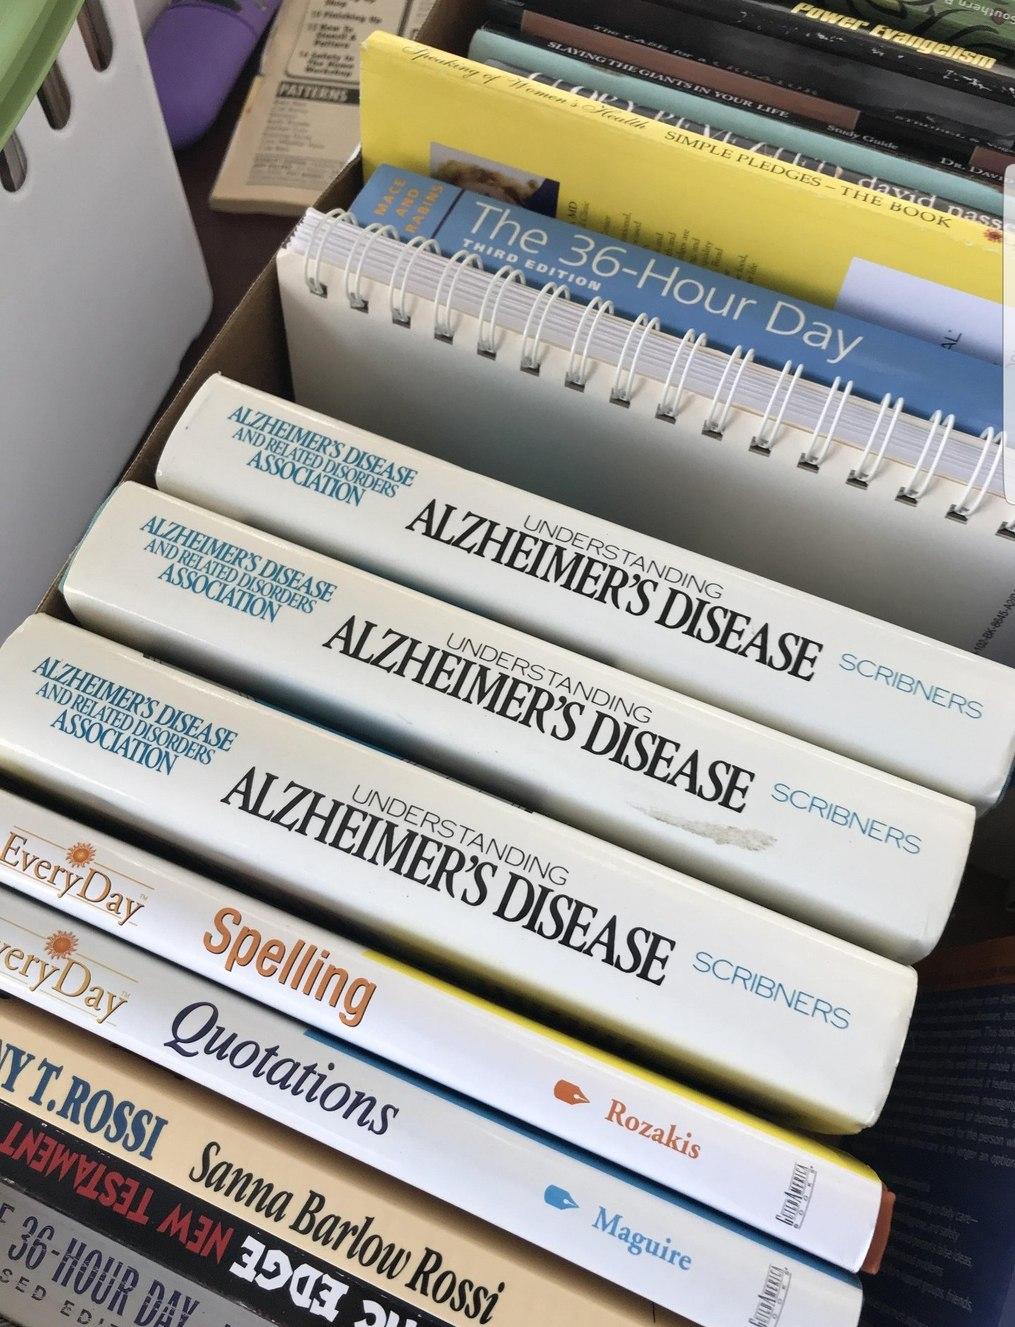 Alzheimer's got me like...Alzheimers got me like... - meme